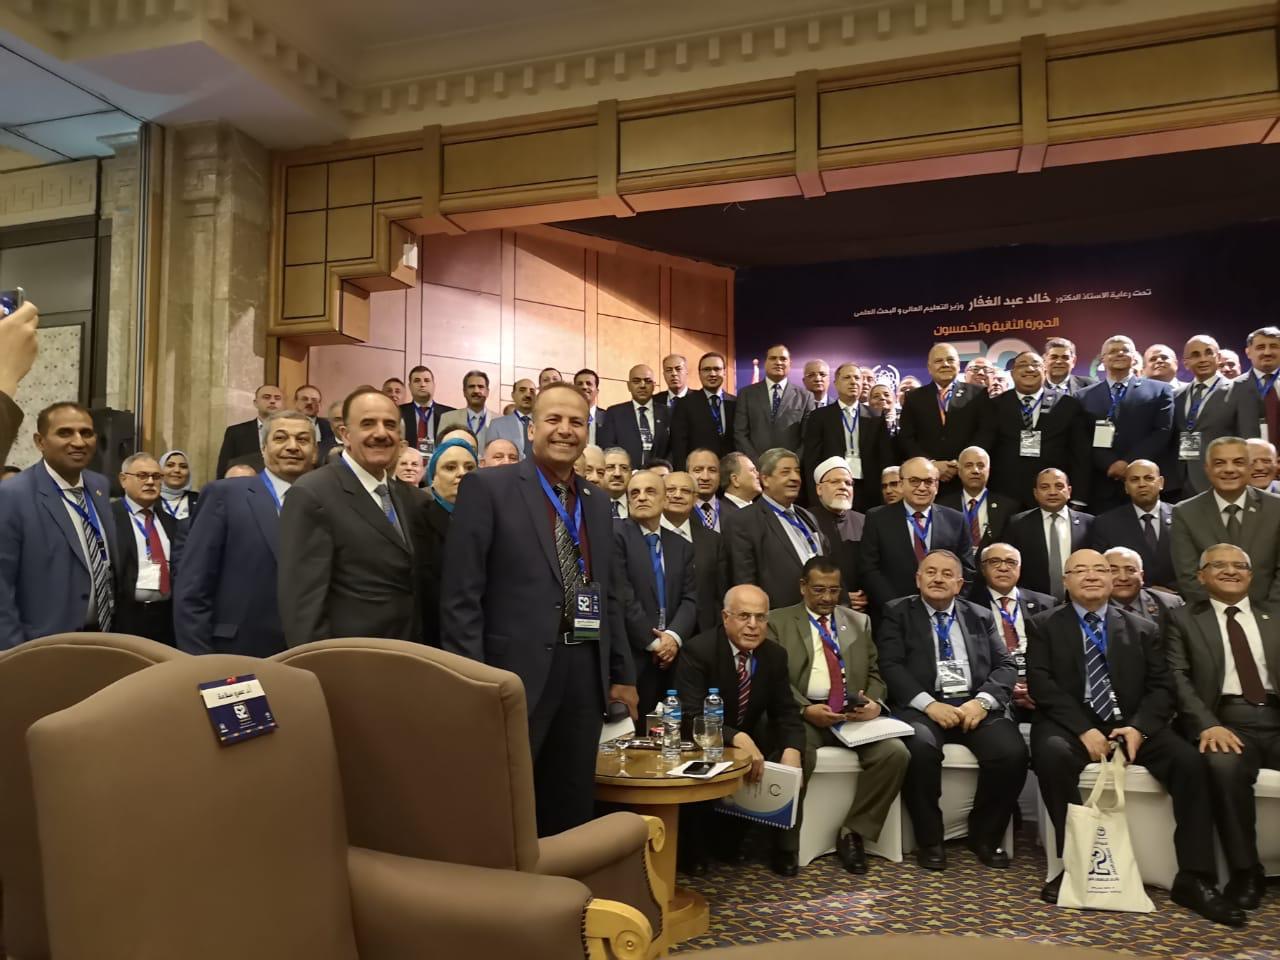 جامعة طرابلس تشارك في المؤتمر العام لاتحاد الجامعات العربية في شرم الشيخ  (1/2)